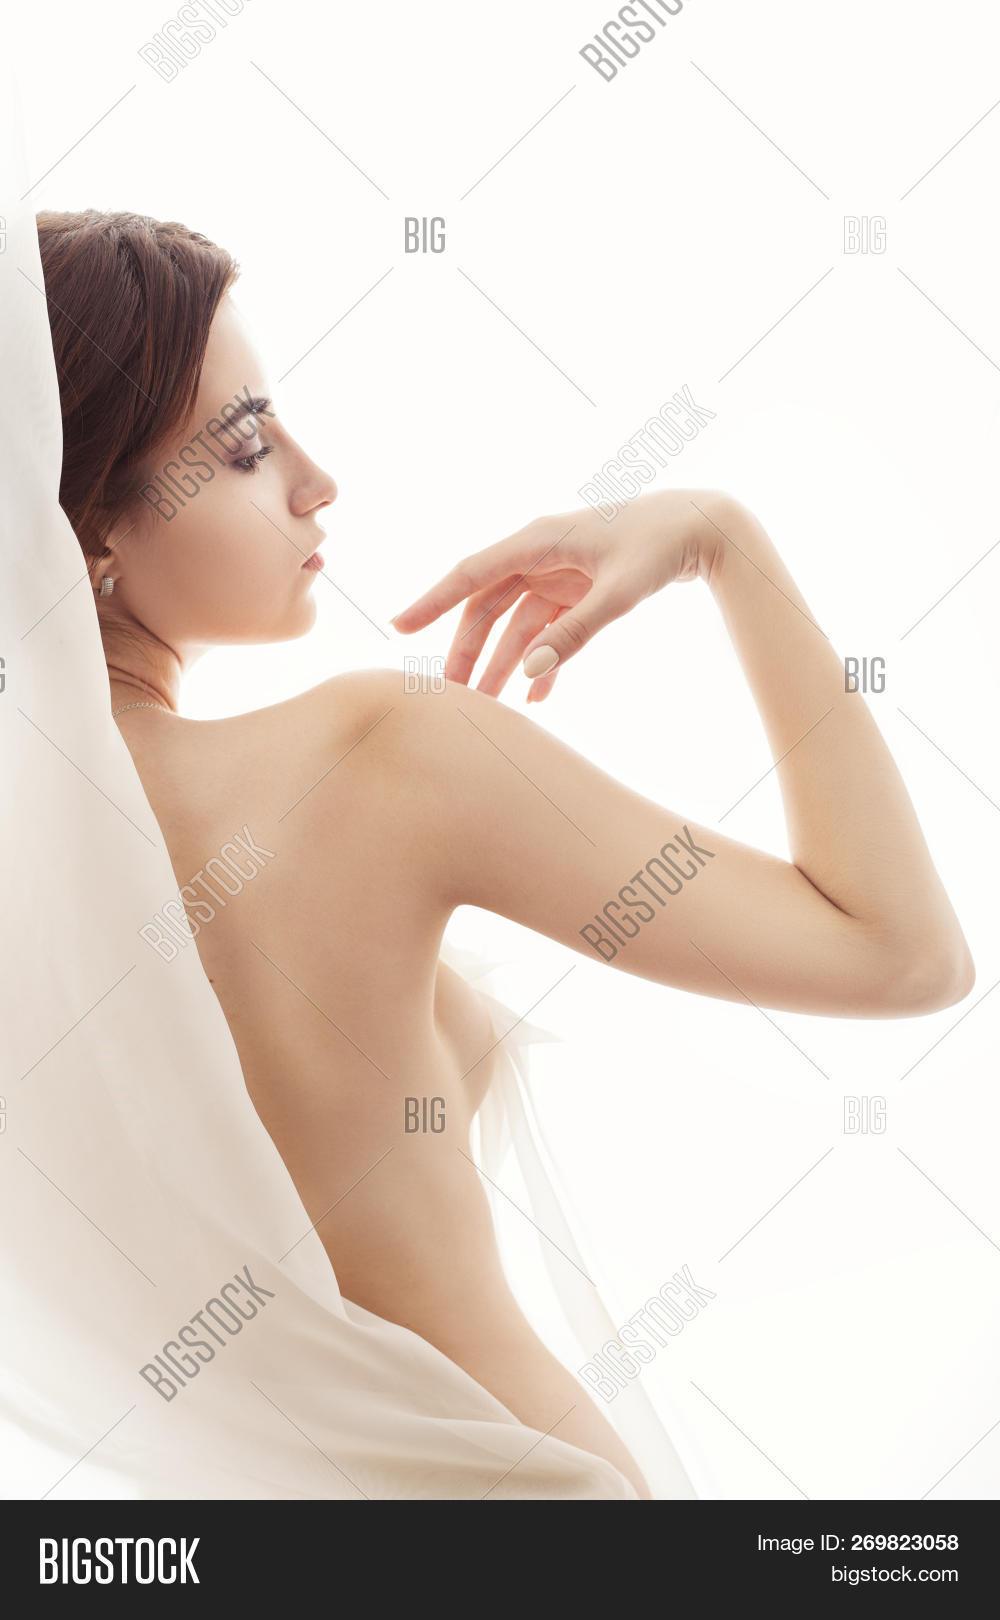 Naked sensual woman